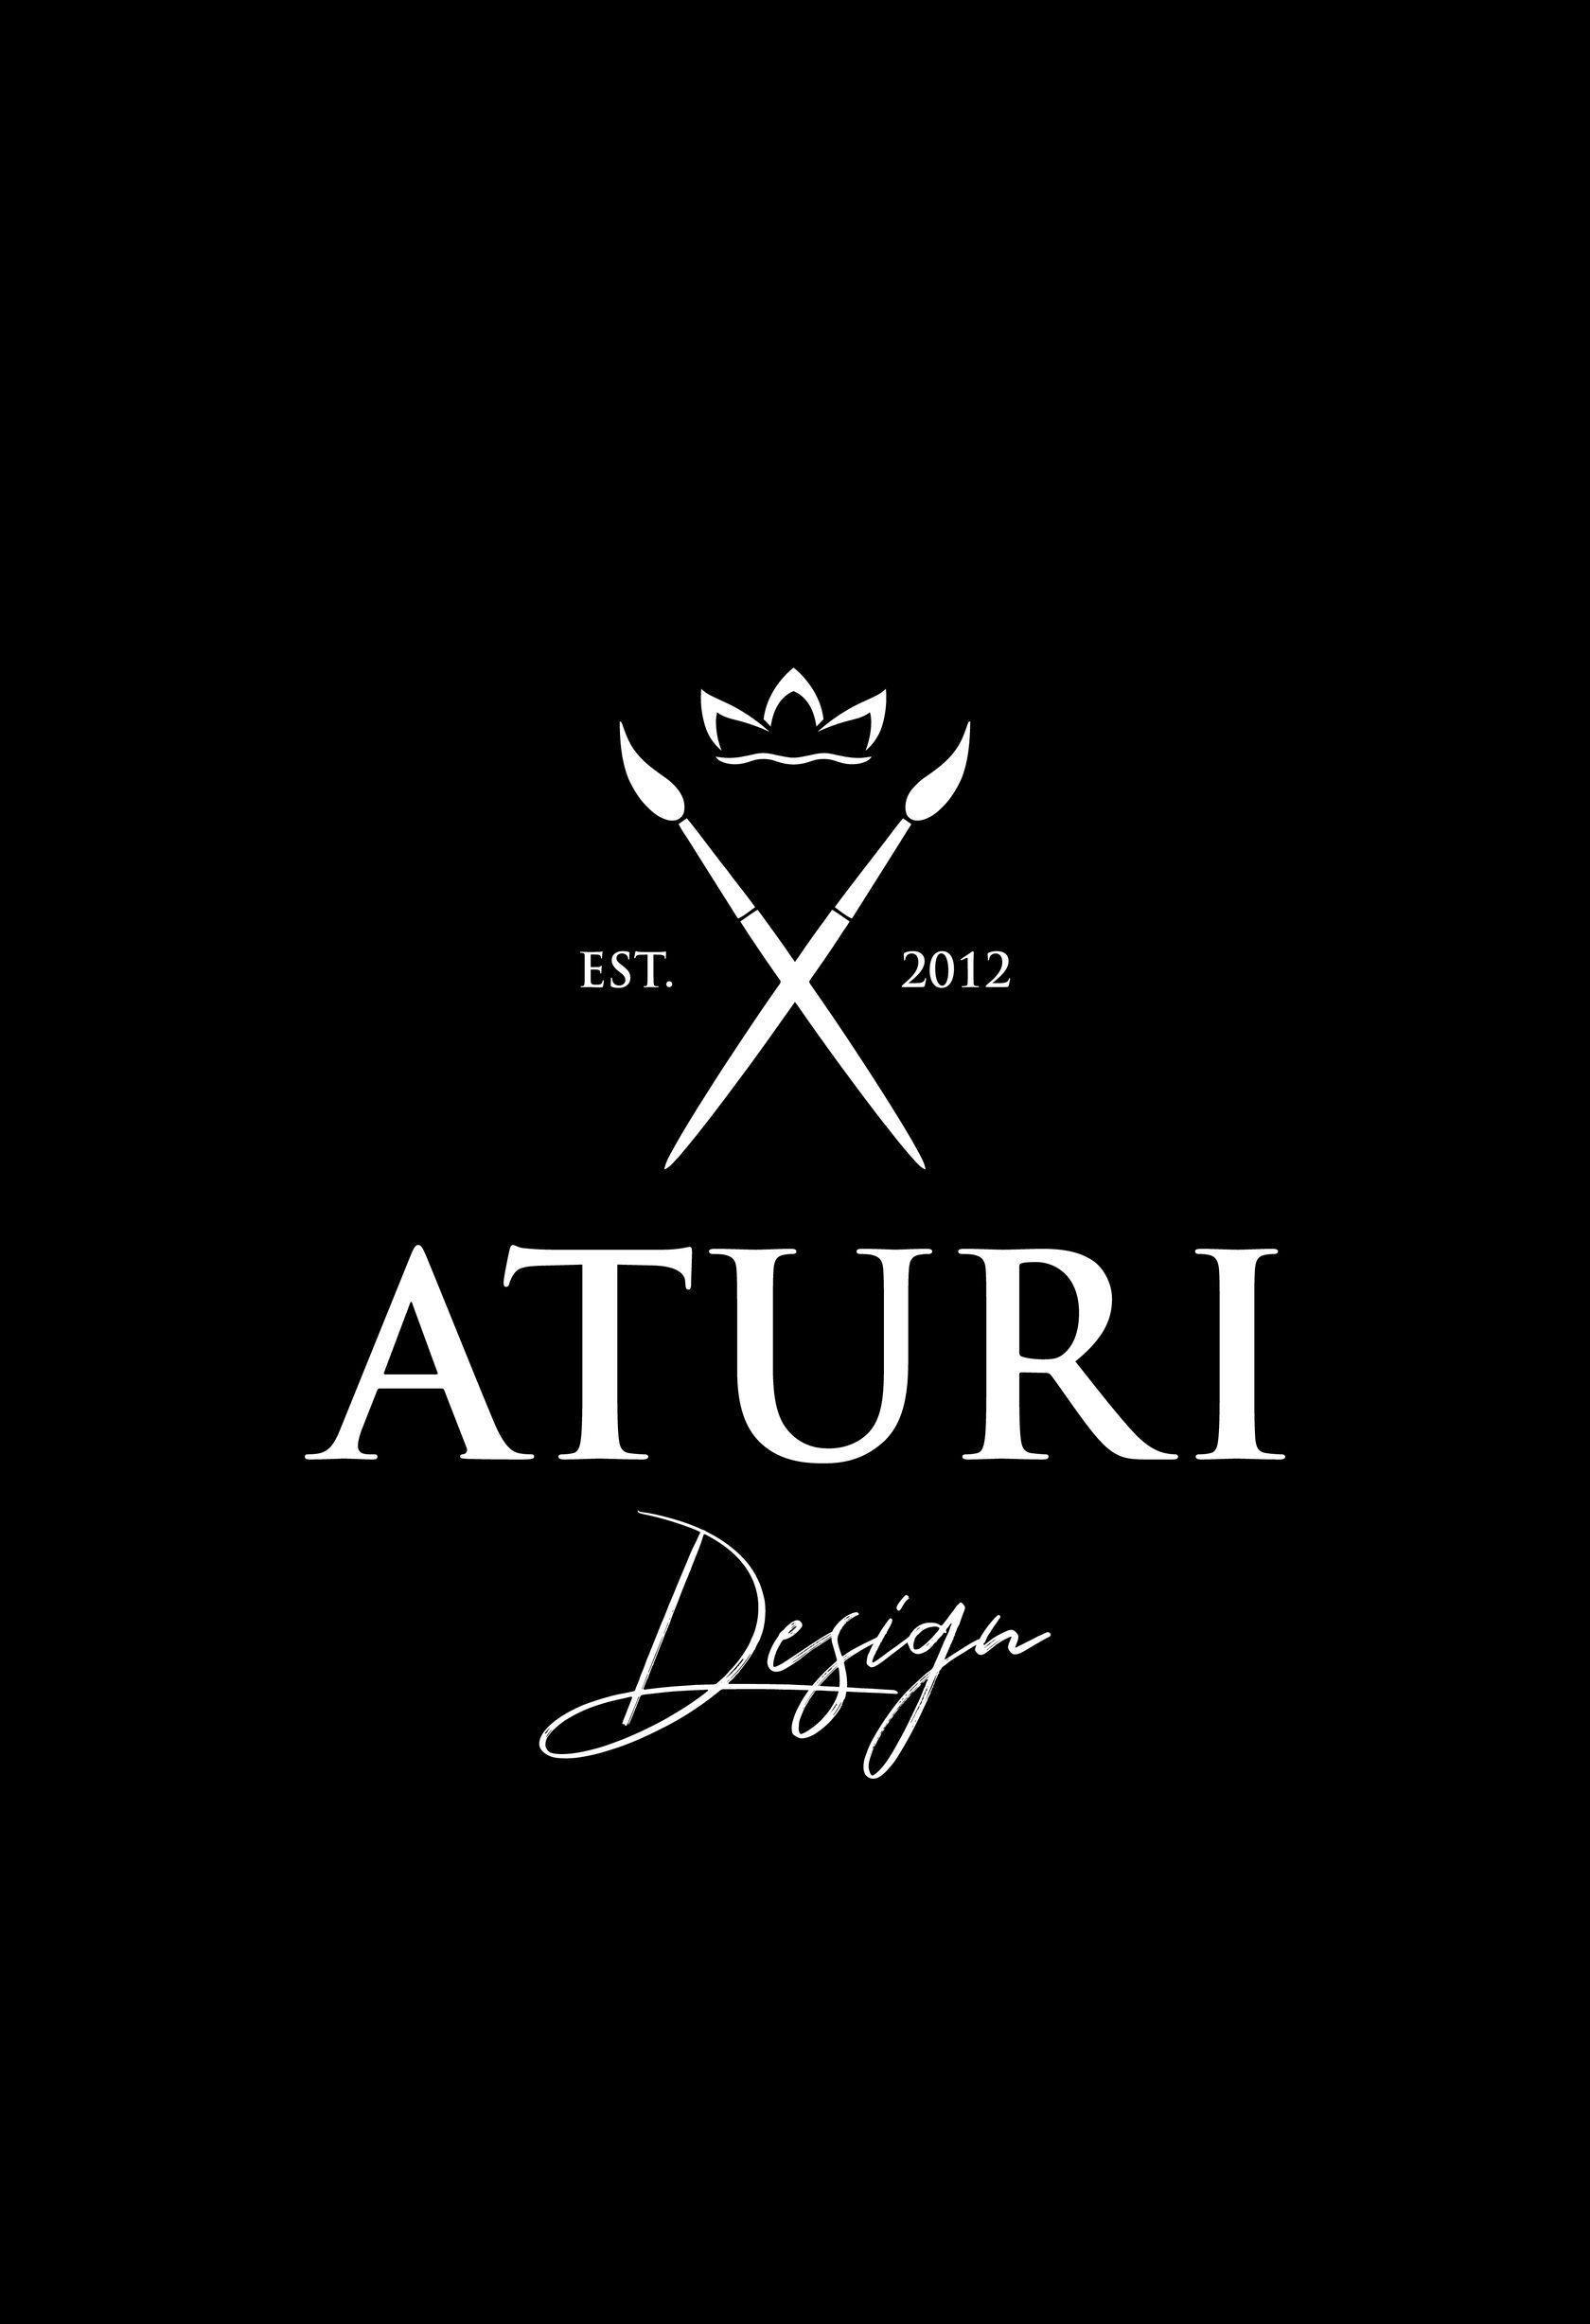 Aturi Design